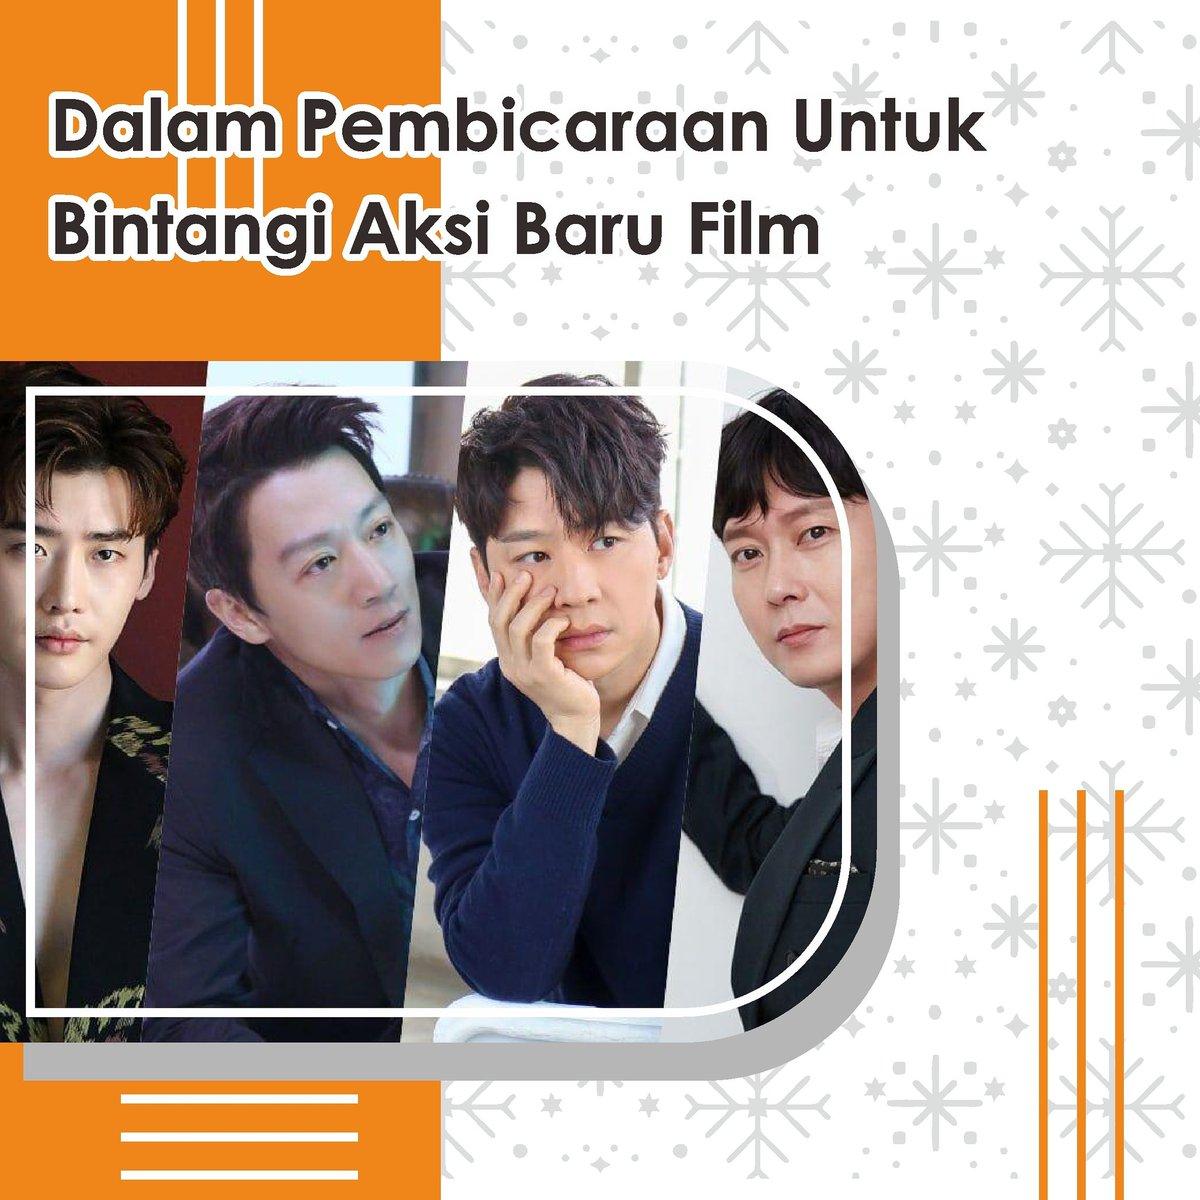 Dalam Pembicaraan Untuk Bintangi Aksi Baru Film, Lee Jong Suk, Kim Rae Won, Jung Sang Hoon, dan Park. . Read more () . #leejongsuk#kimraewon #jungsanghoon #filmactionkorea #dramaactor #koreandramas #Portaldaebak #lfl #lff #likeforlike #likeforfollow #fyp